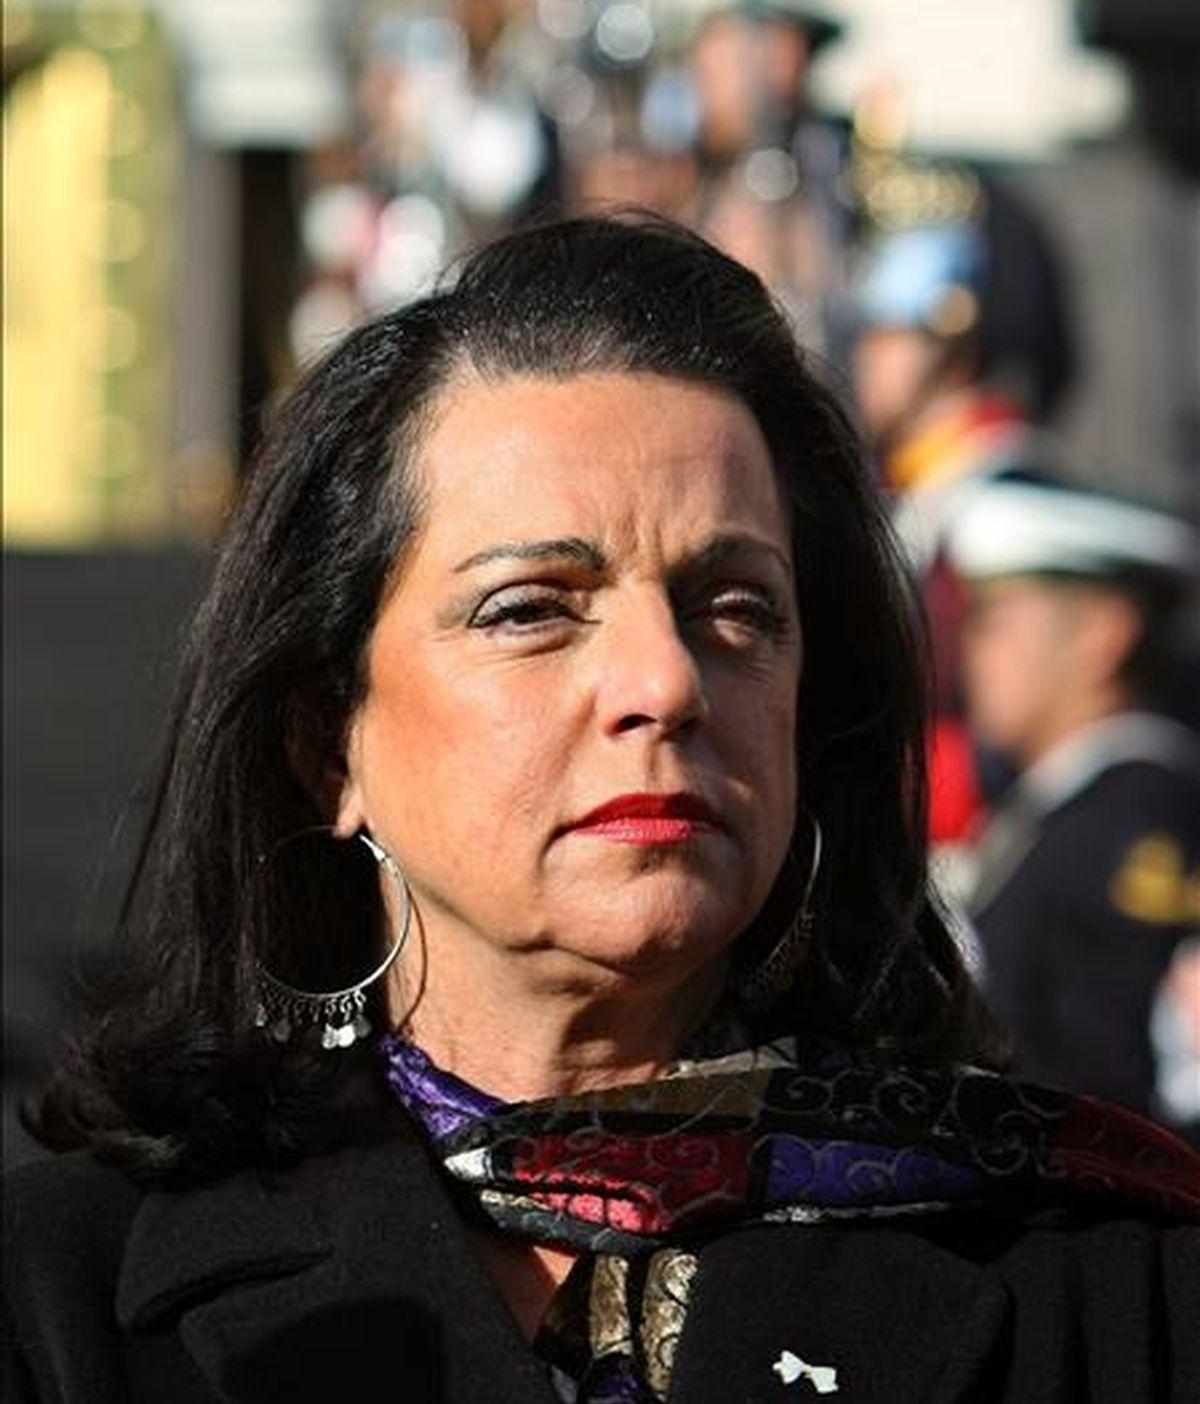 """La ministra de Defensa de Argentina, Nilda Garré, comentó que el cierre de la oficina de la misión militar de Estados Unidos fue """"algo de fuerte sentido simbólico"""". EFE/Archivo"""